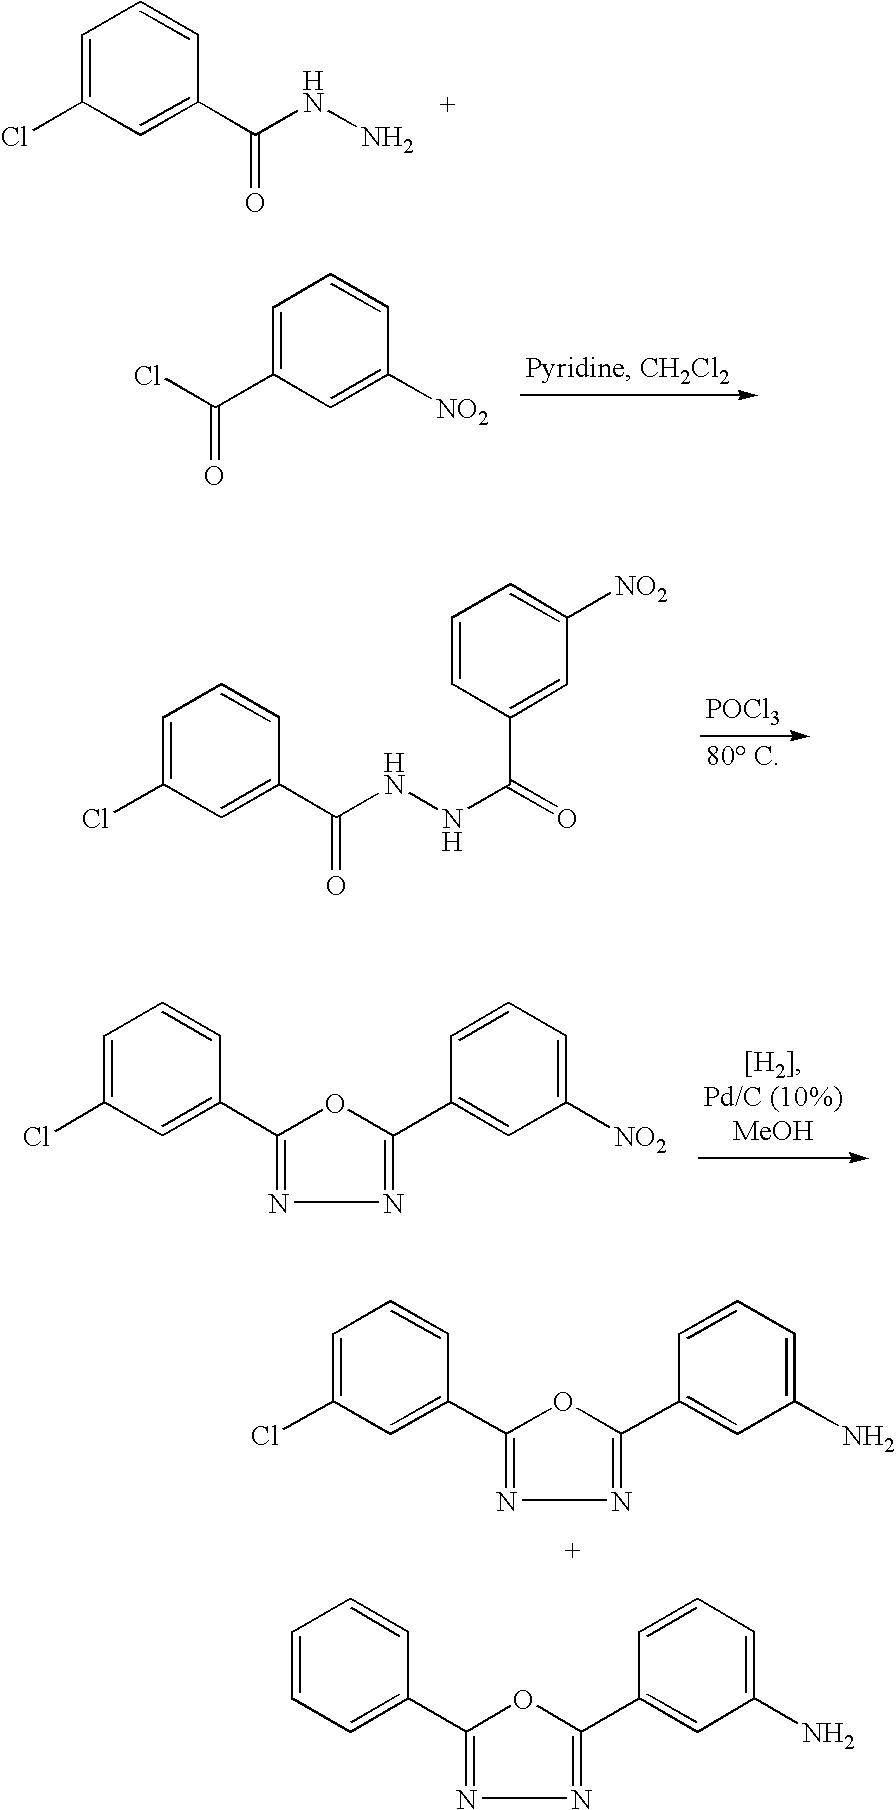 Figure US07642351-20100105-C00035